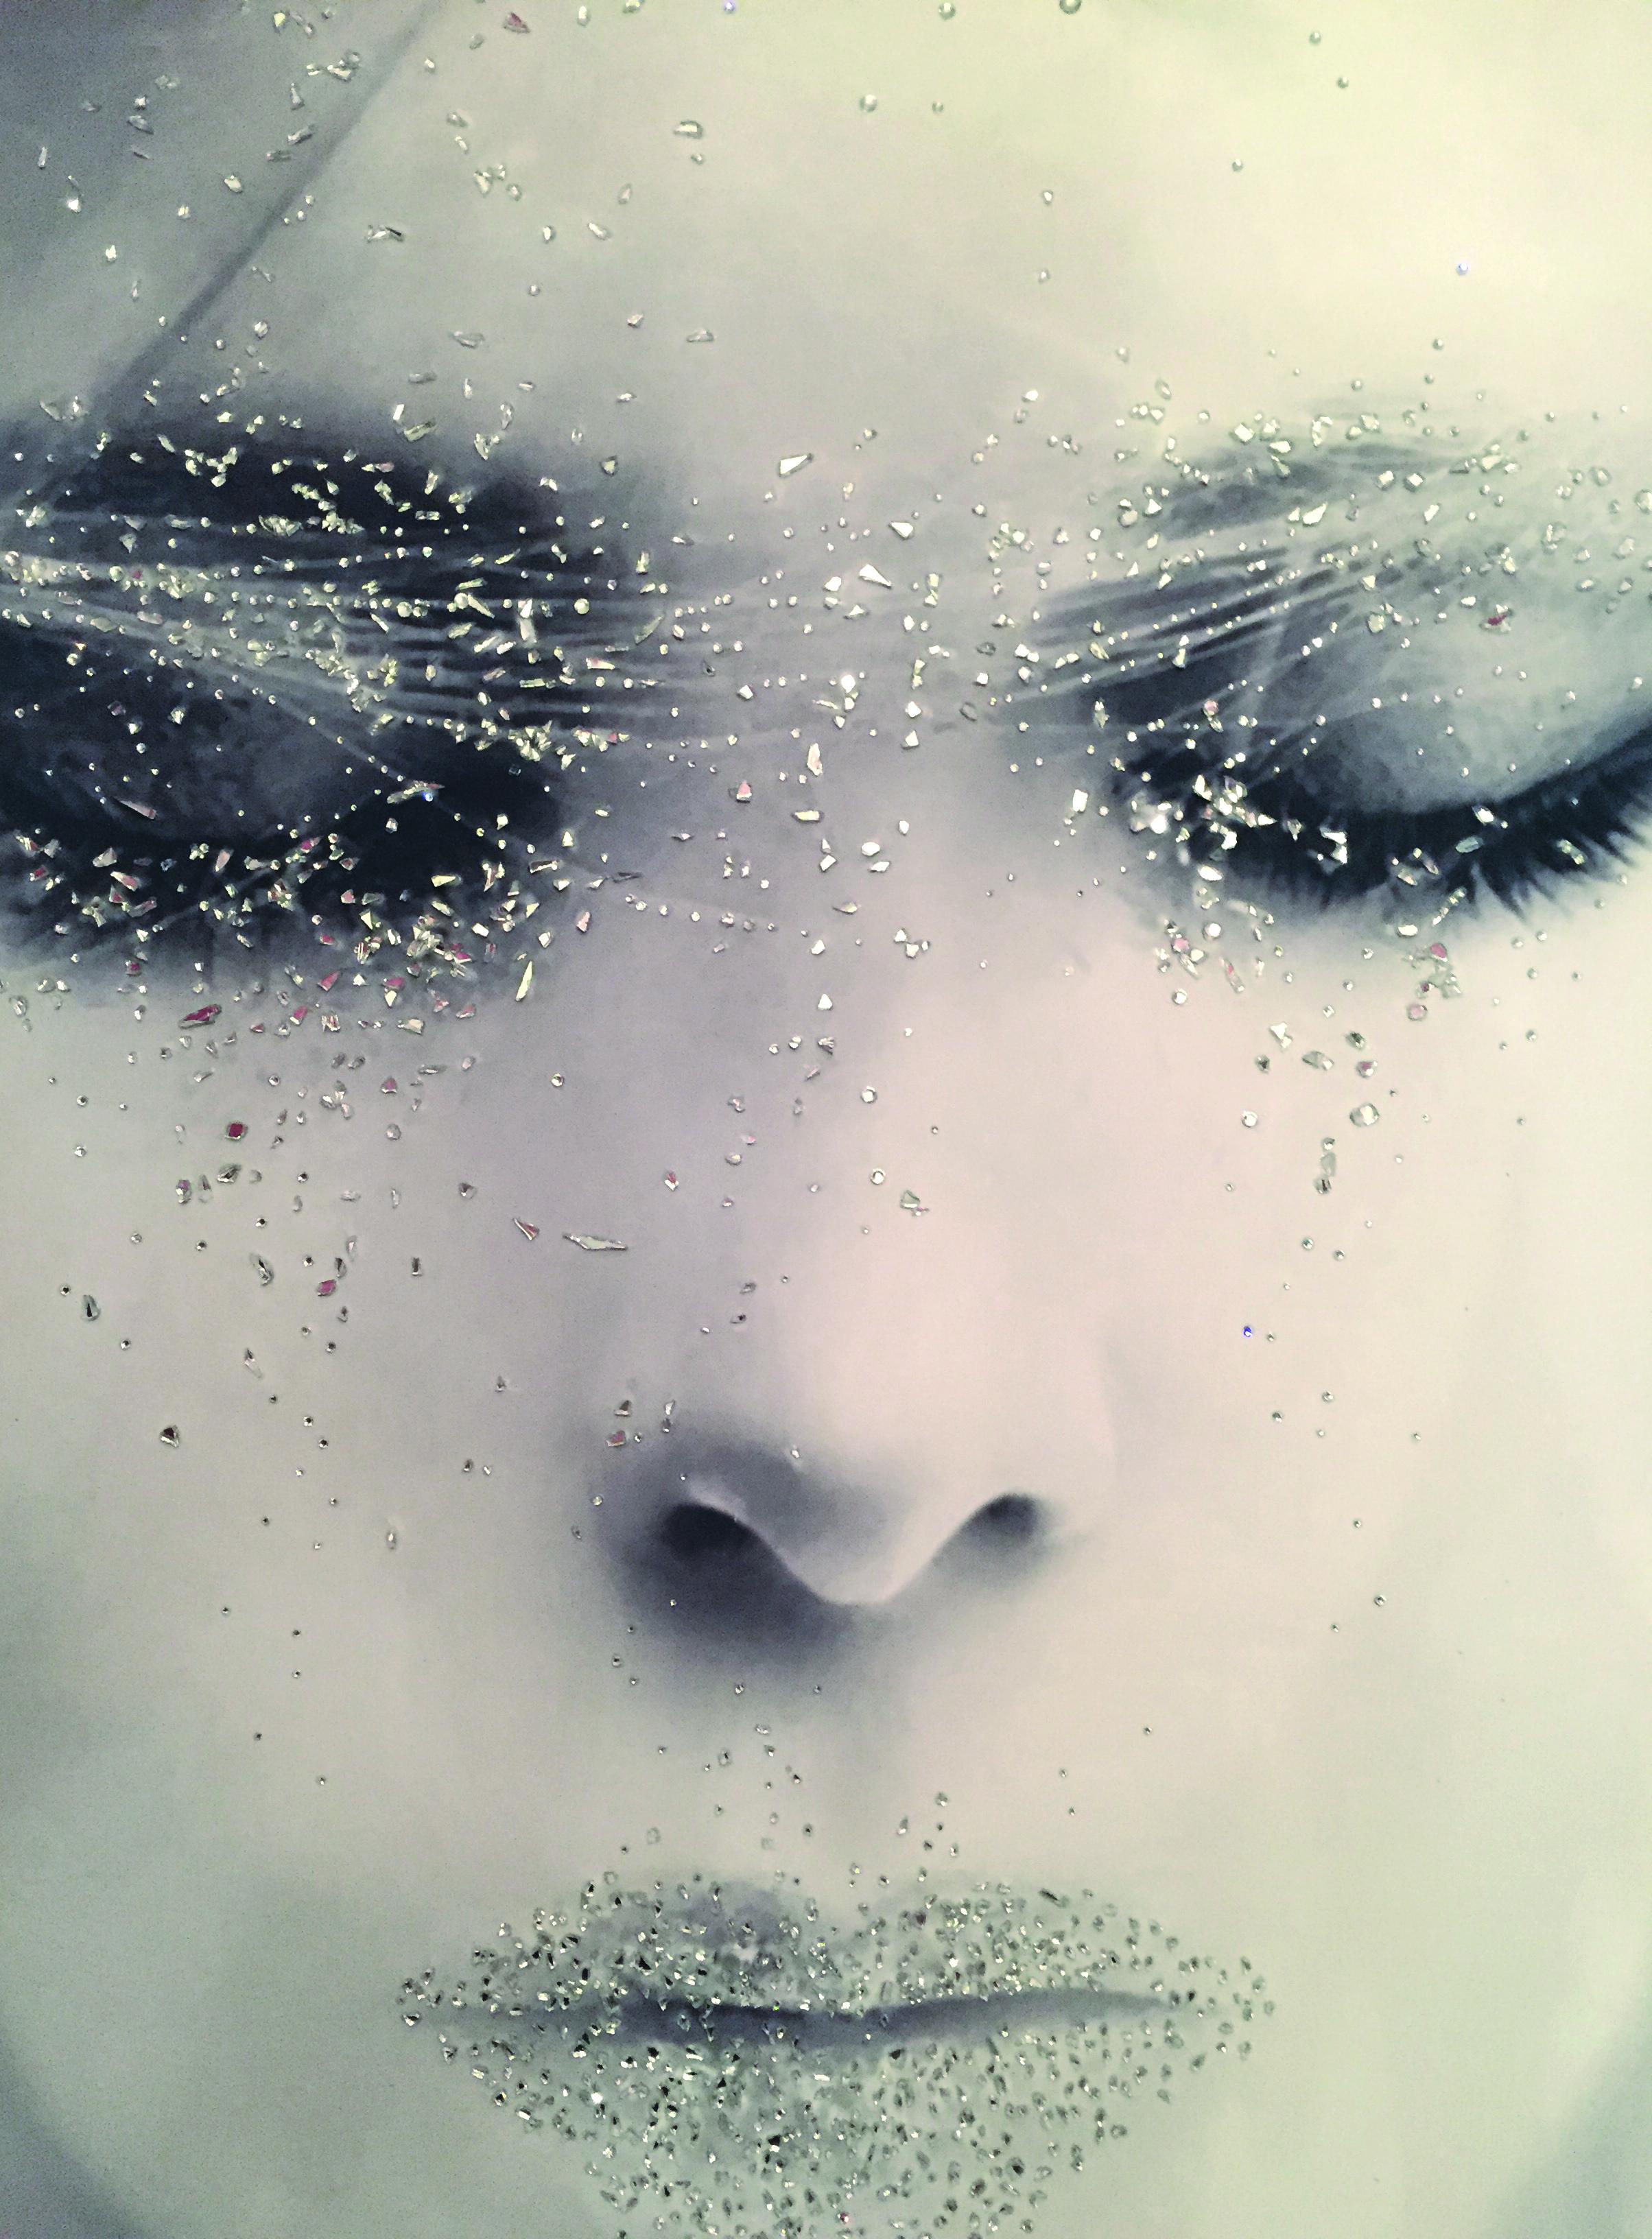 ghiaccio - VanitartCollezione Le Donne d'EpocaMisura 70x100 cmLavorazione in cristalli Swarovski e Specchi